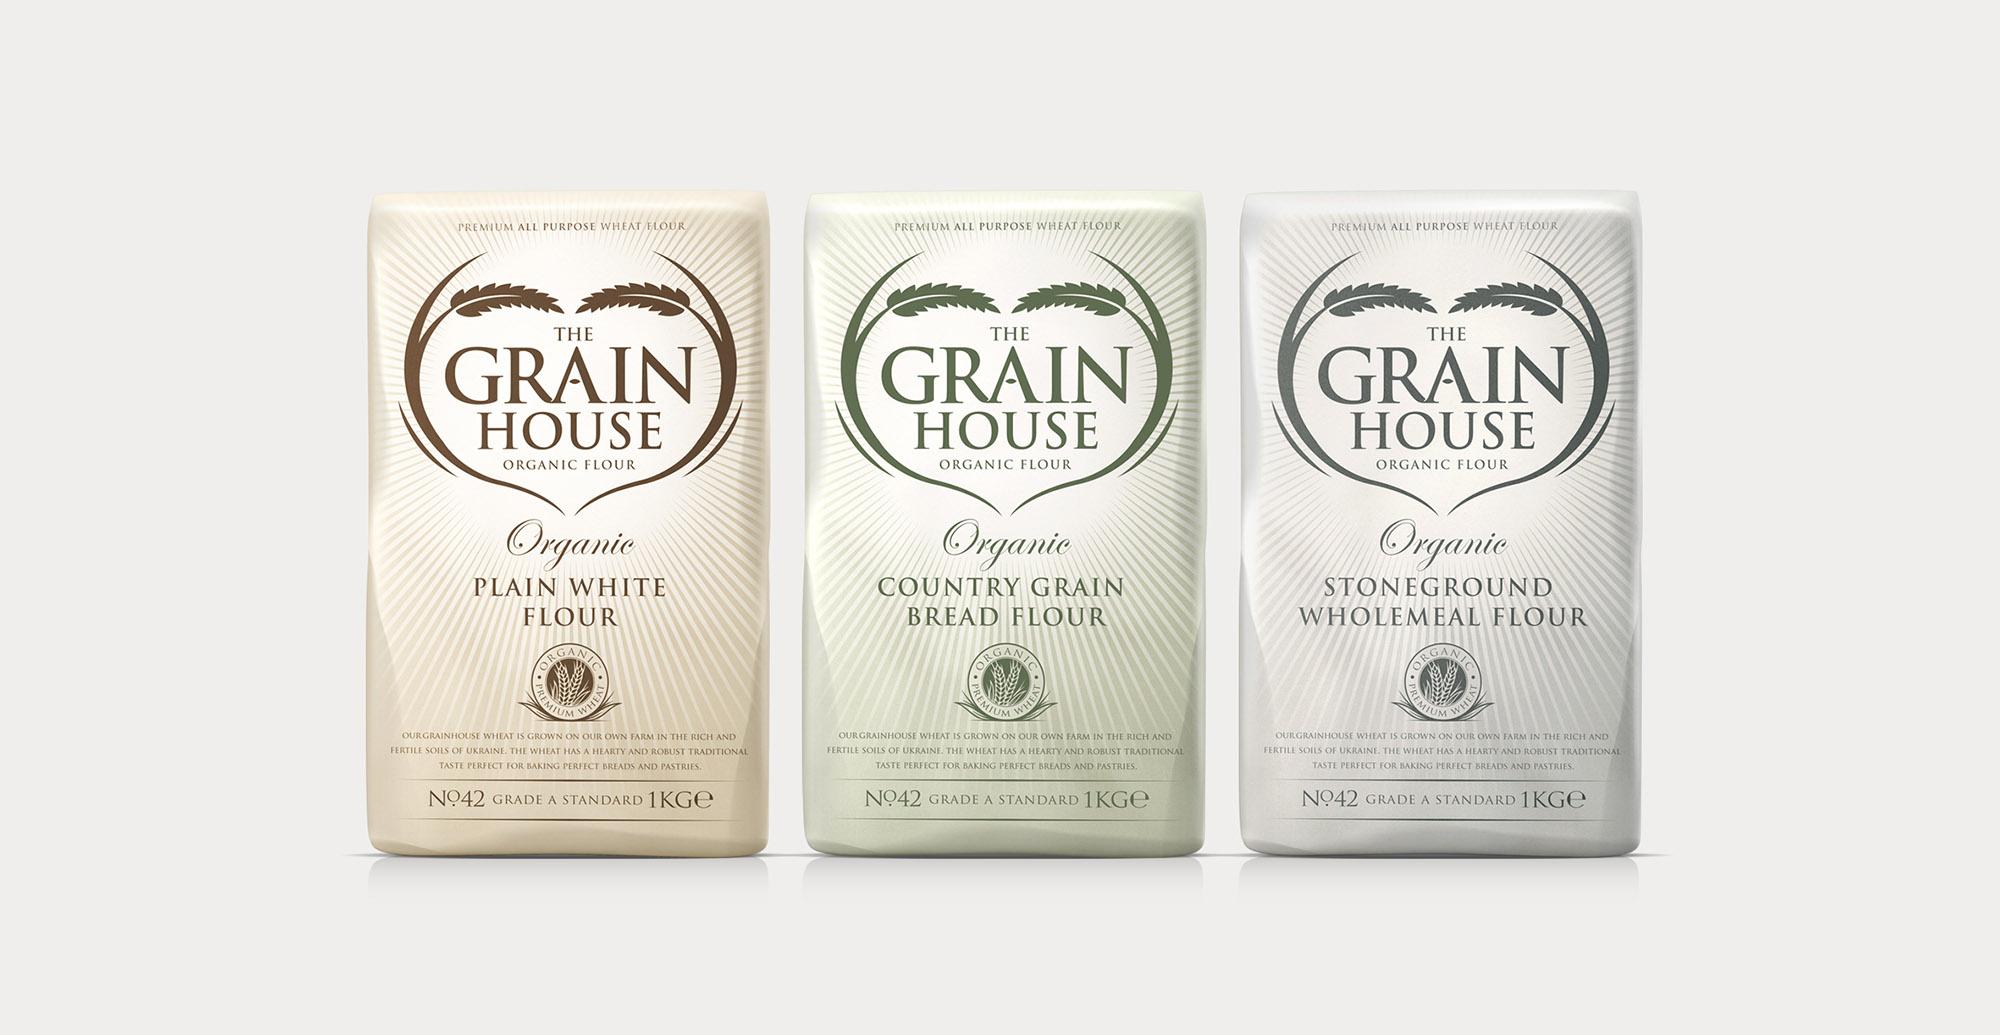 Premium Branding Design for Food Brand Grainhouse Flour - Full Range Shot